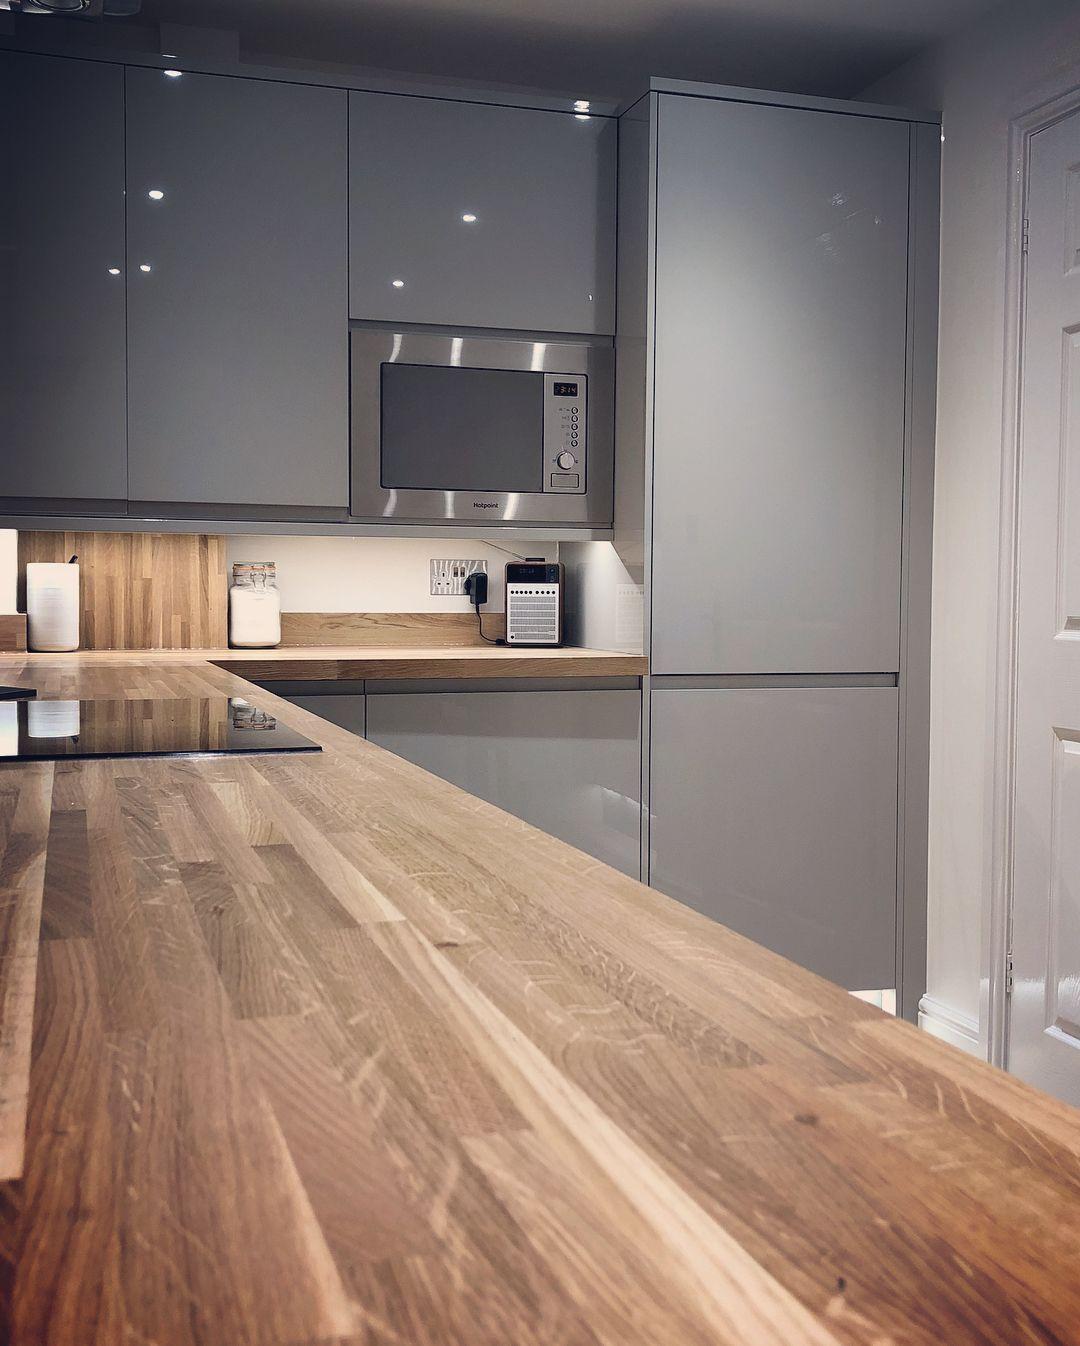 White Gloss Kitchen Wood Worktop: A Modern Handle-less Kitchen With Wooden Worktop And High Gloss Kitchen Cabinets.